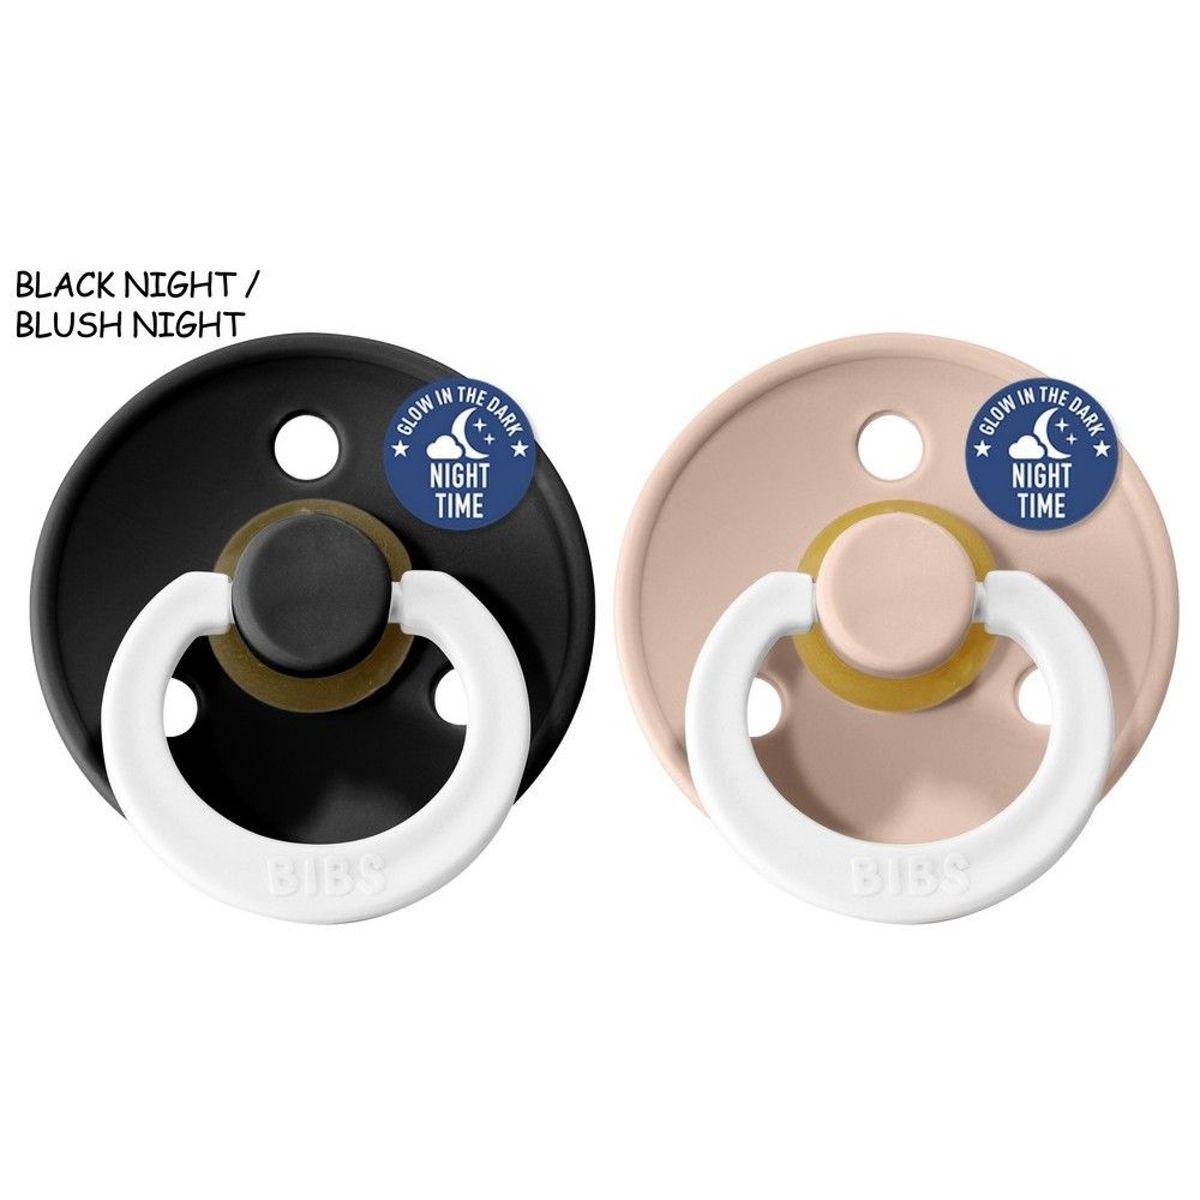 Bibs fopspenen glow in the dark 6-18 maanden 2st Black + Blush kopen